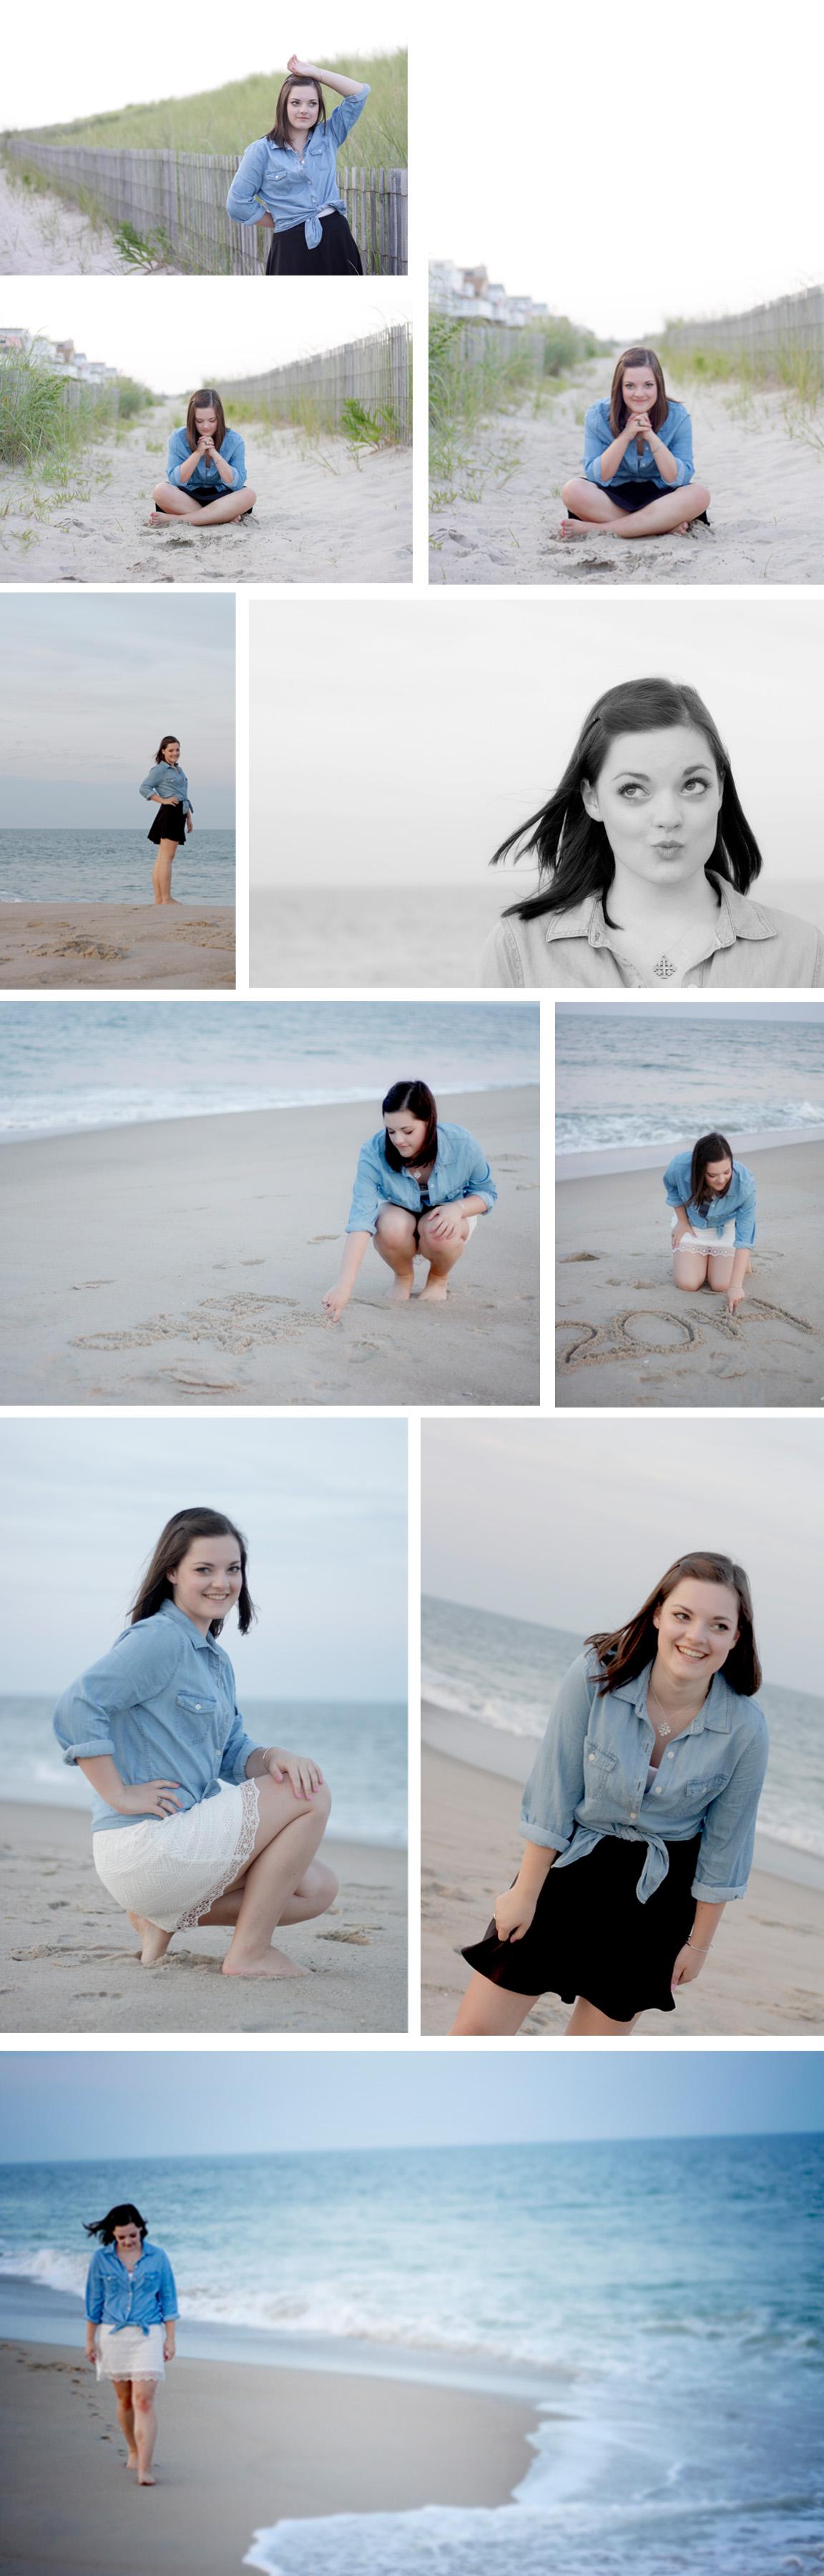 Sarah Senior Pictures Collage